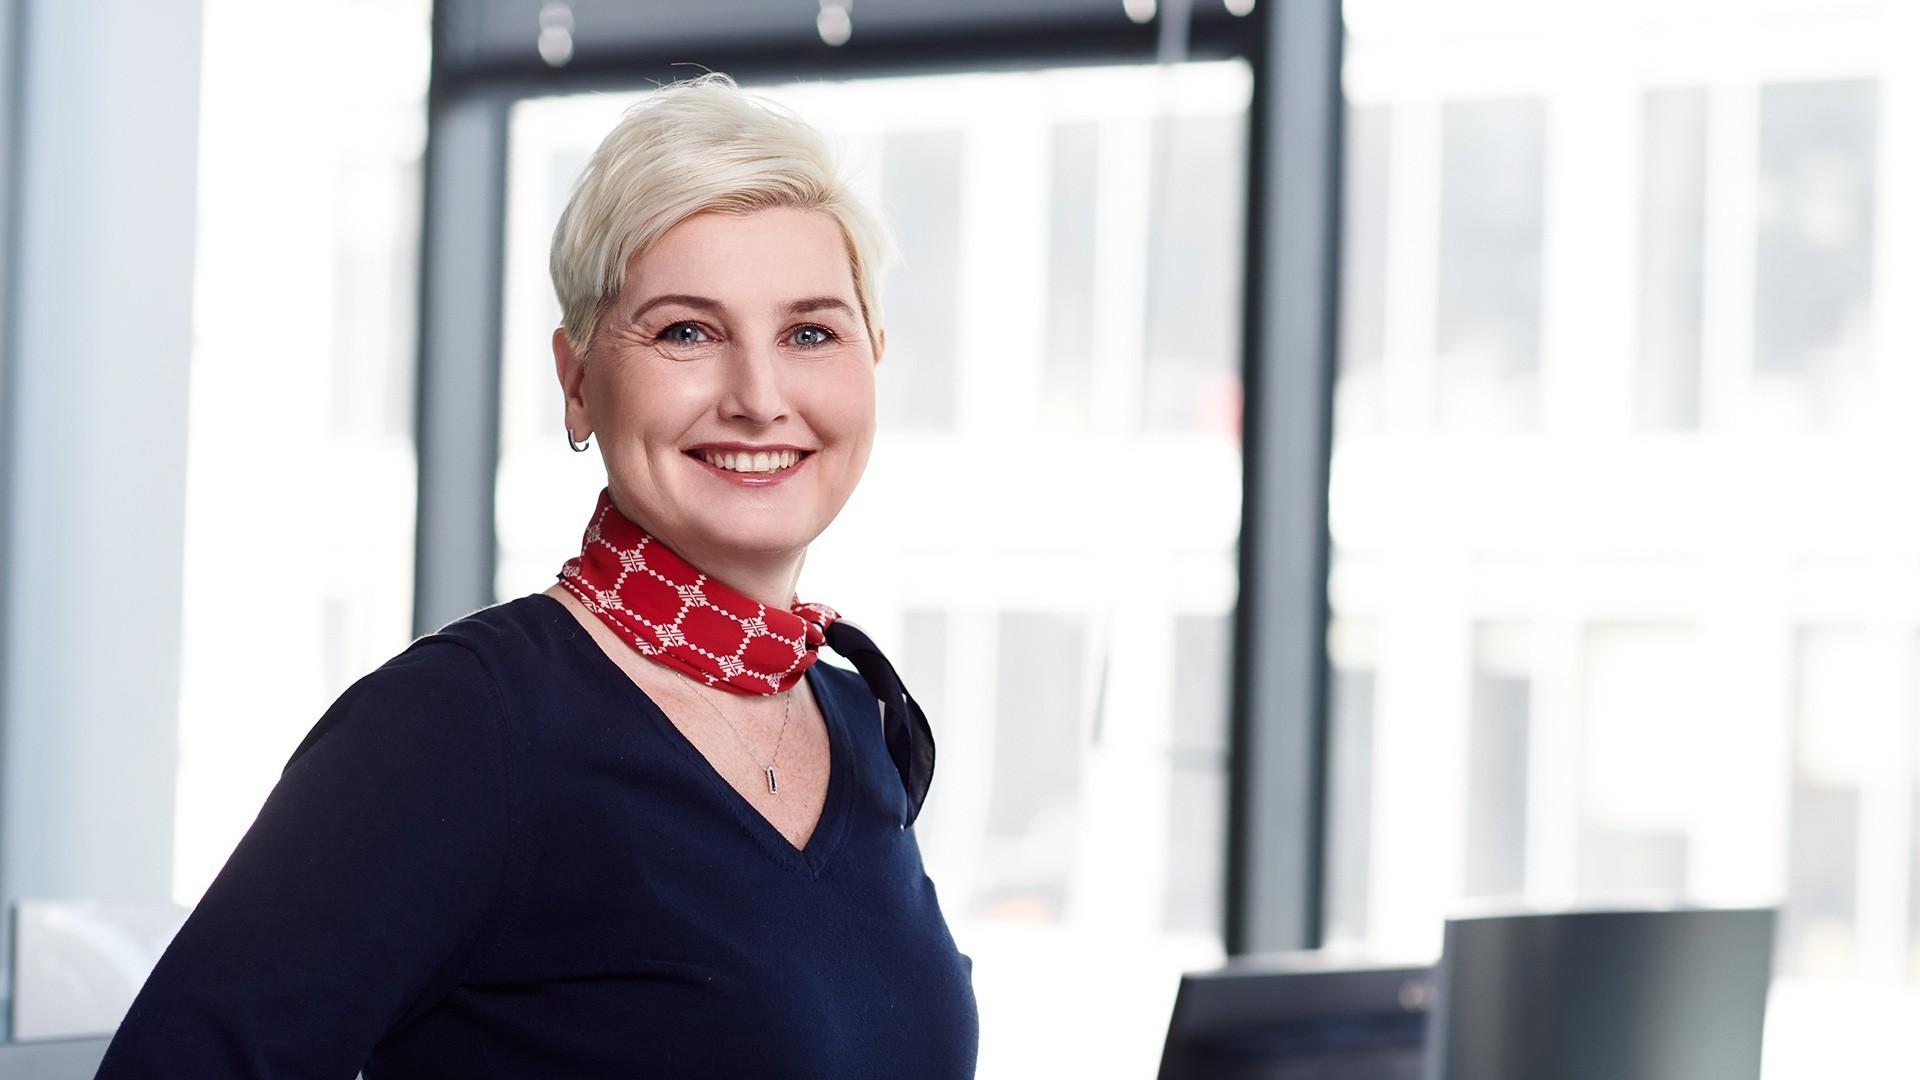 Małgorzata Wiśniewska, Managing Director at Avenga Poland